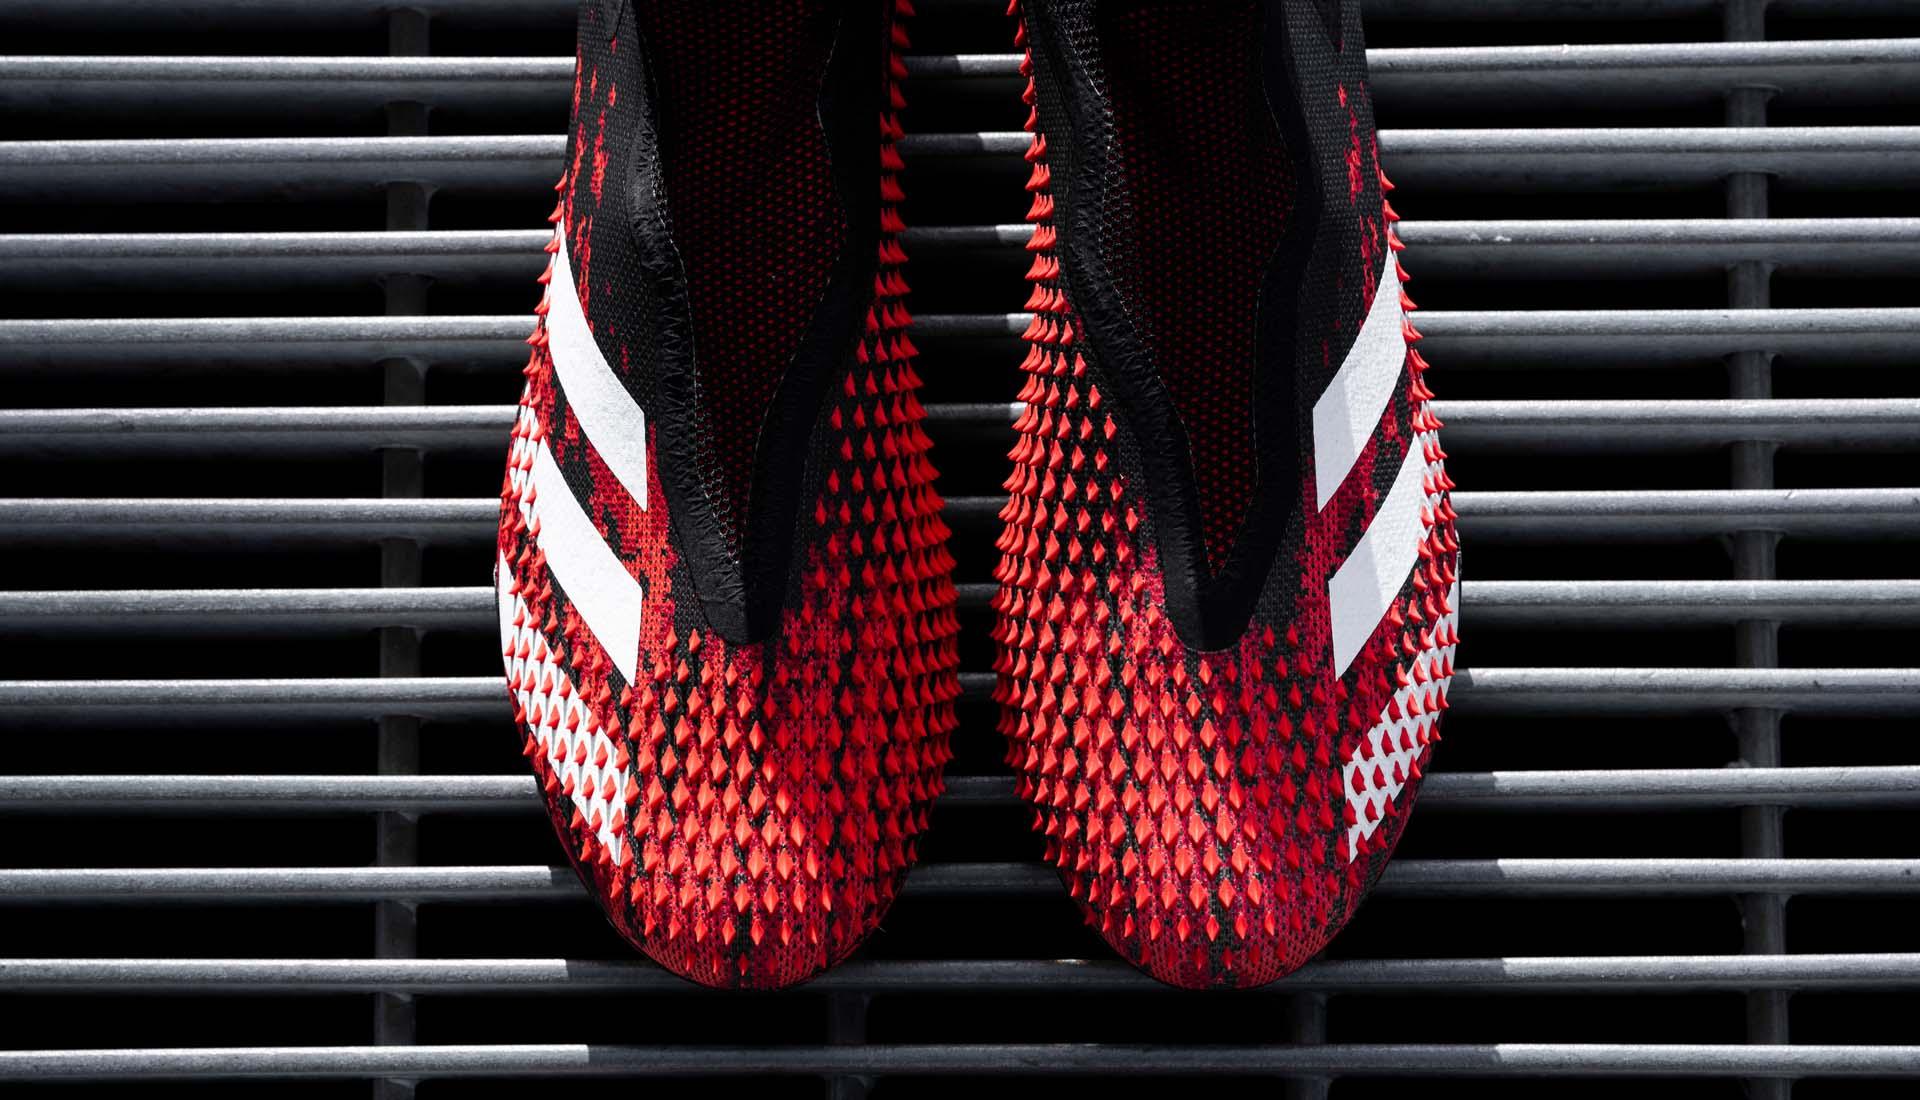 Adidas Predator 20 với các vân nổi gai góc hỗ trợ kiểm soát bóng trên bề mặt